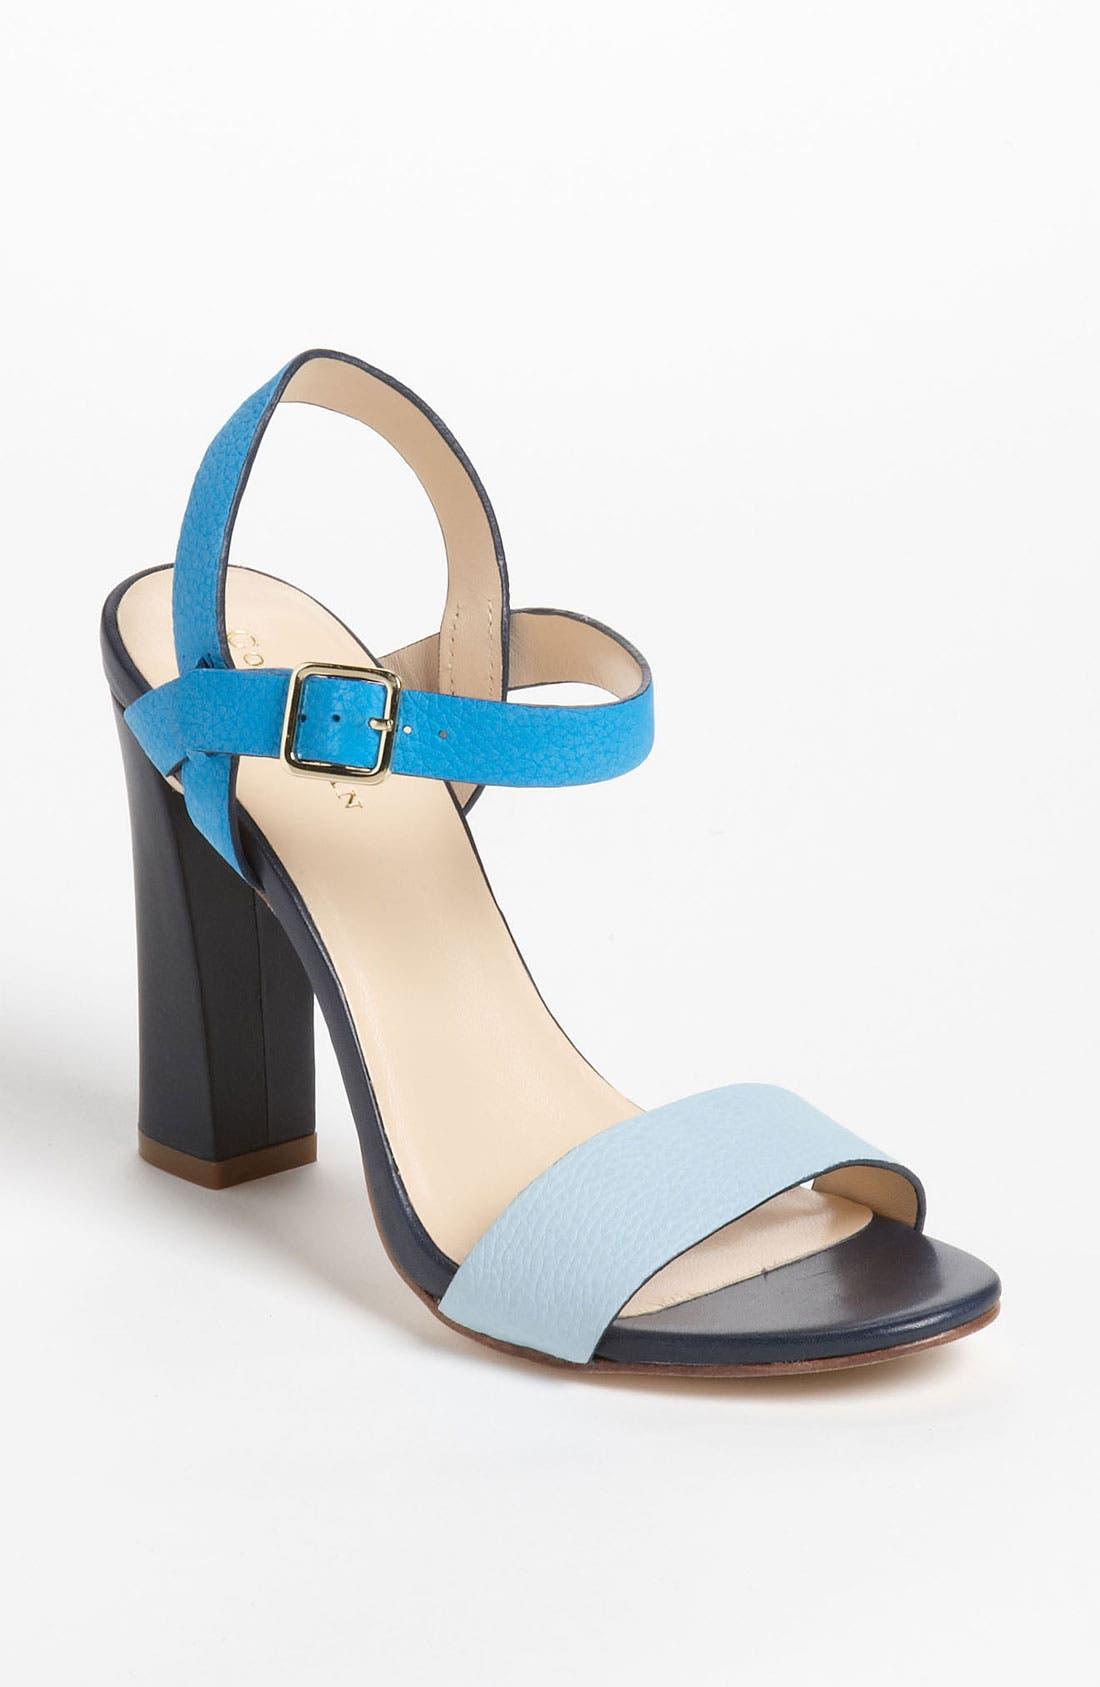 Alternate Image 1 Selected - Cole Haan 'Minetta' Sandal